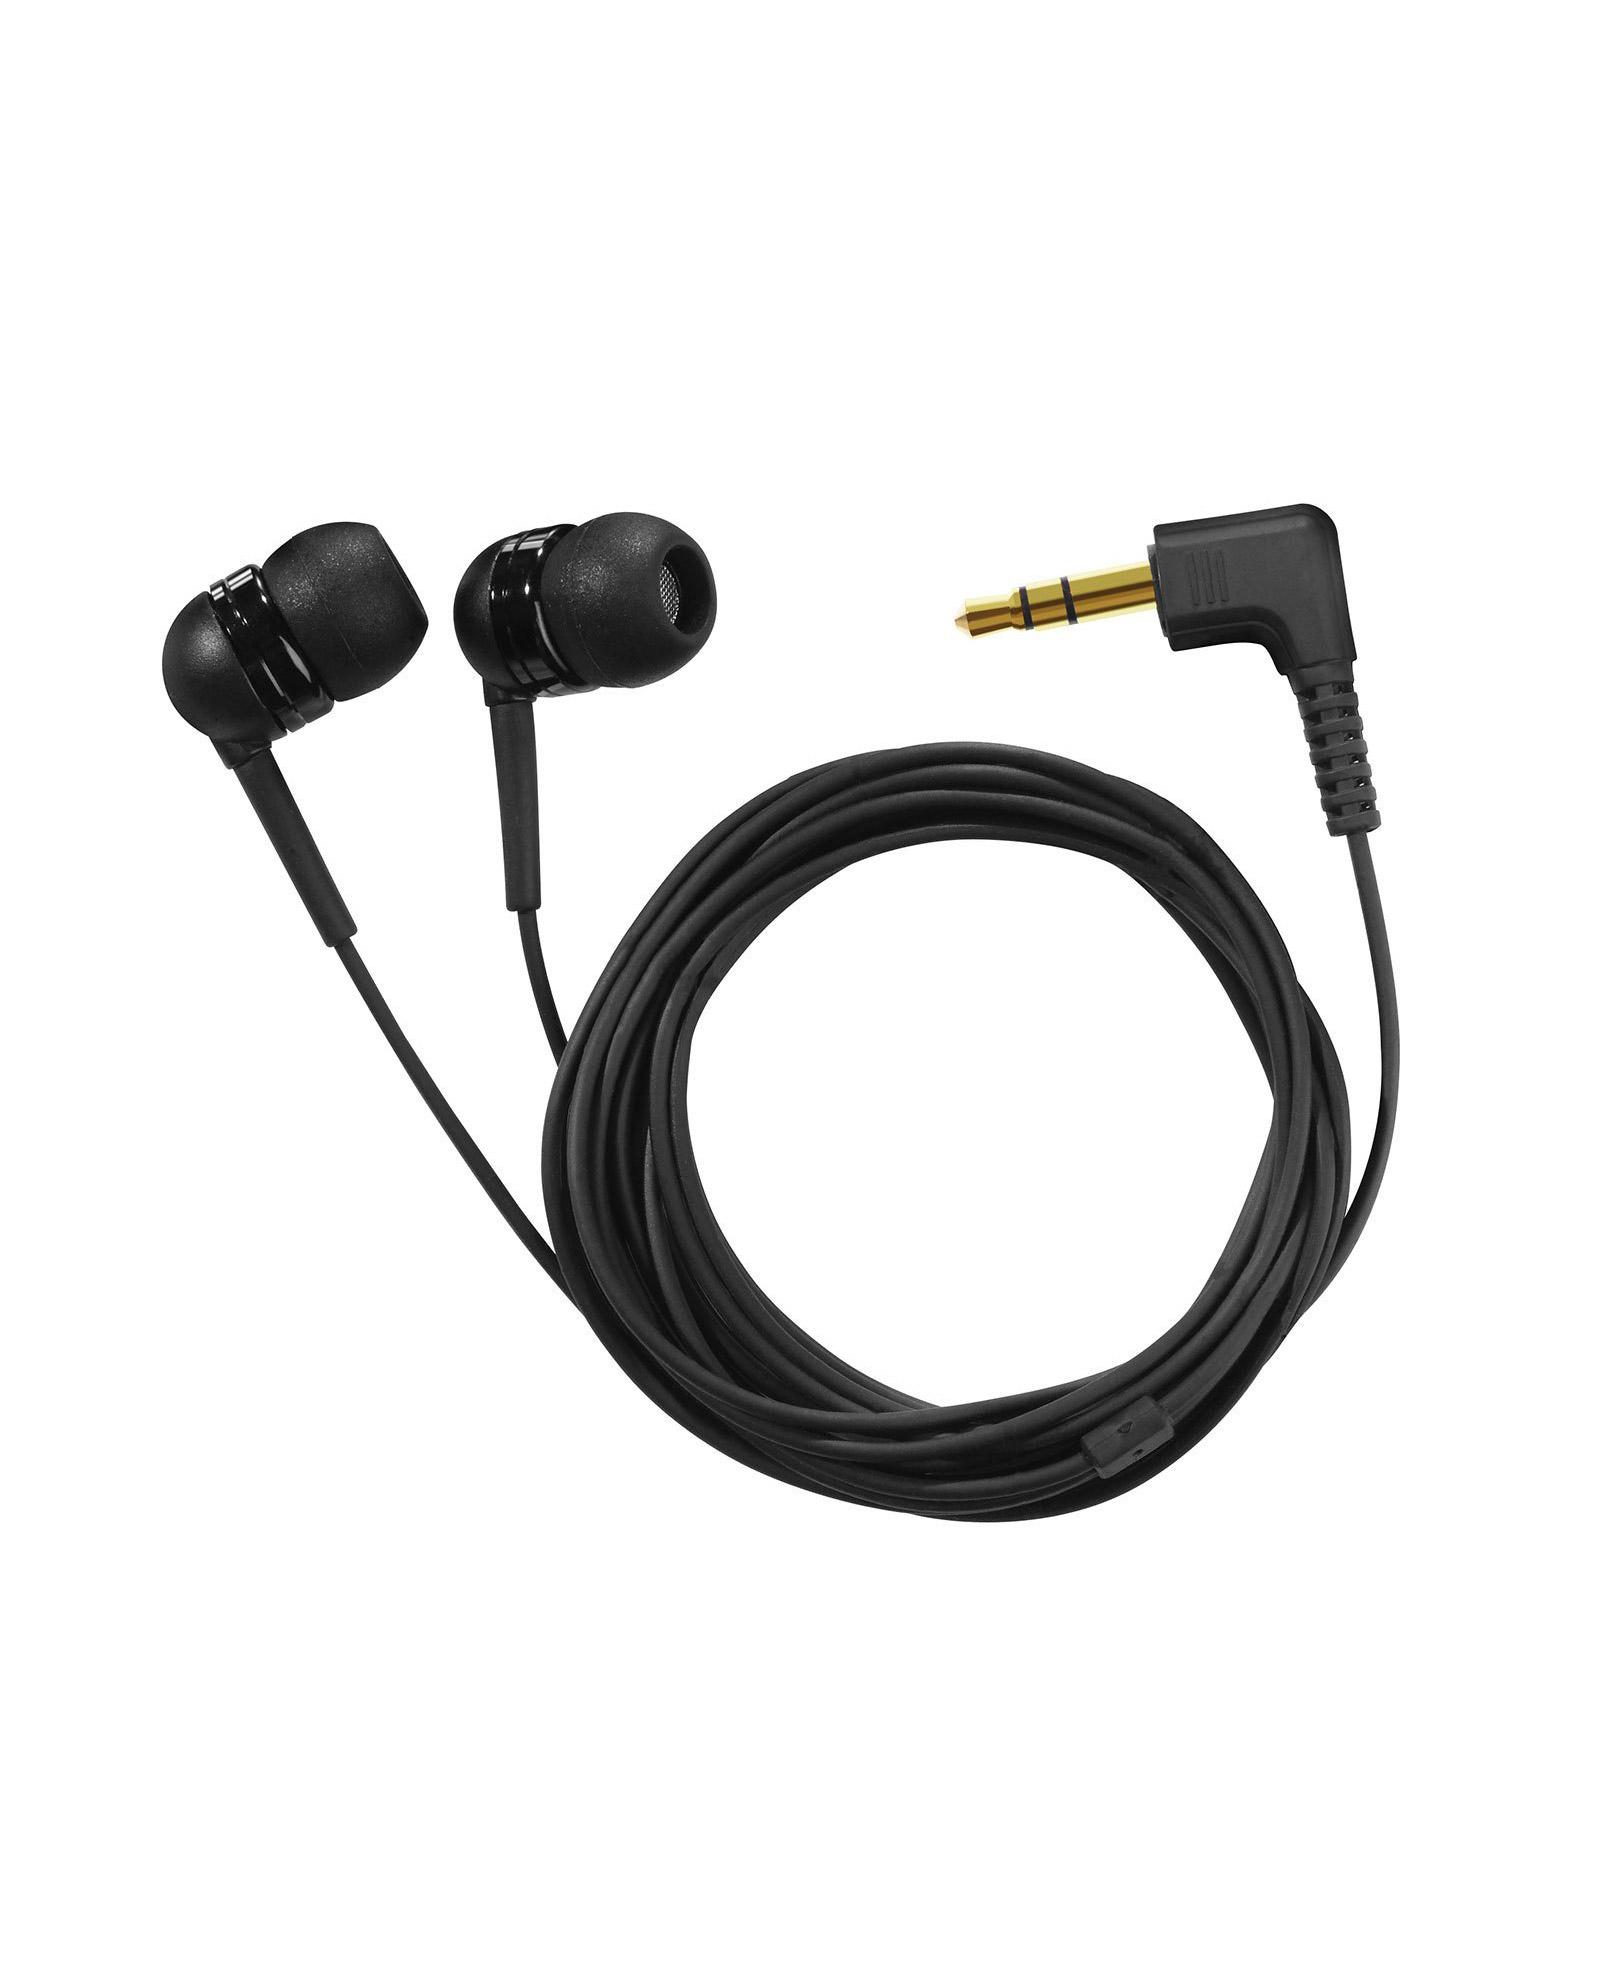 Sennheiser Ie 4 In Ear Universal Headphones 1